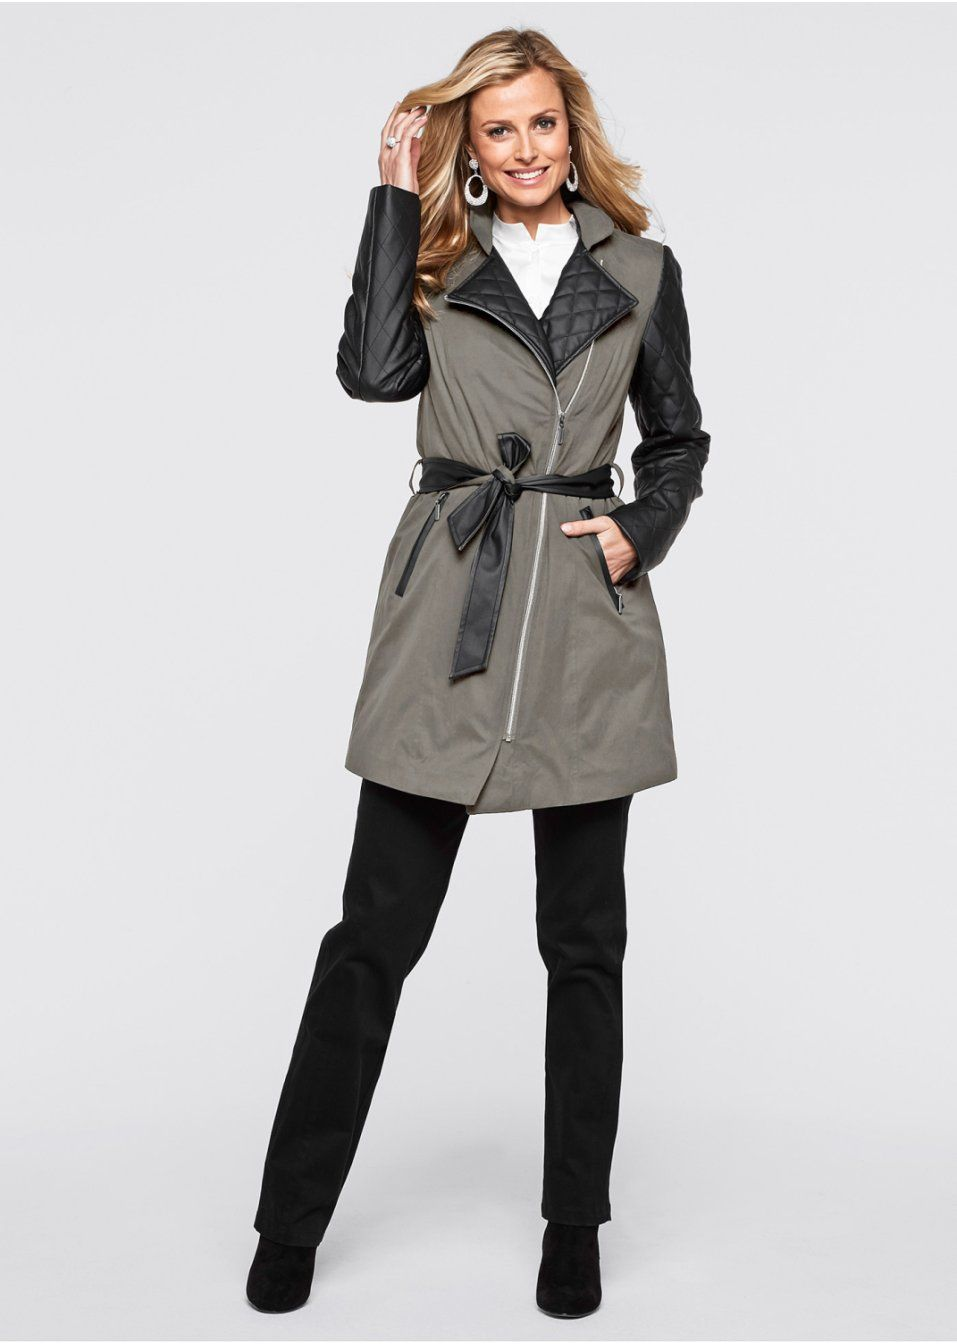 Veste Femme Bonprix, La veste longue gris pierre/noir - Ventes-pas-cher.com